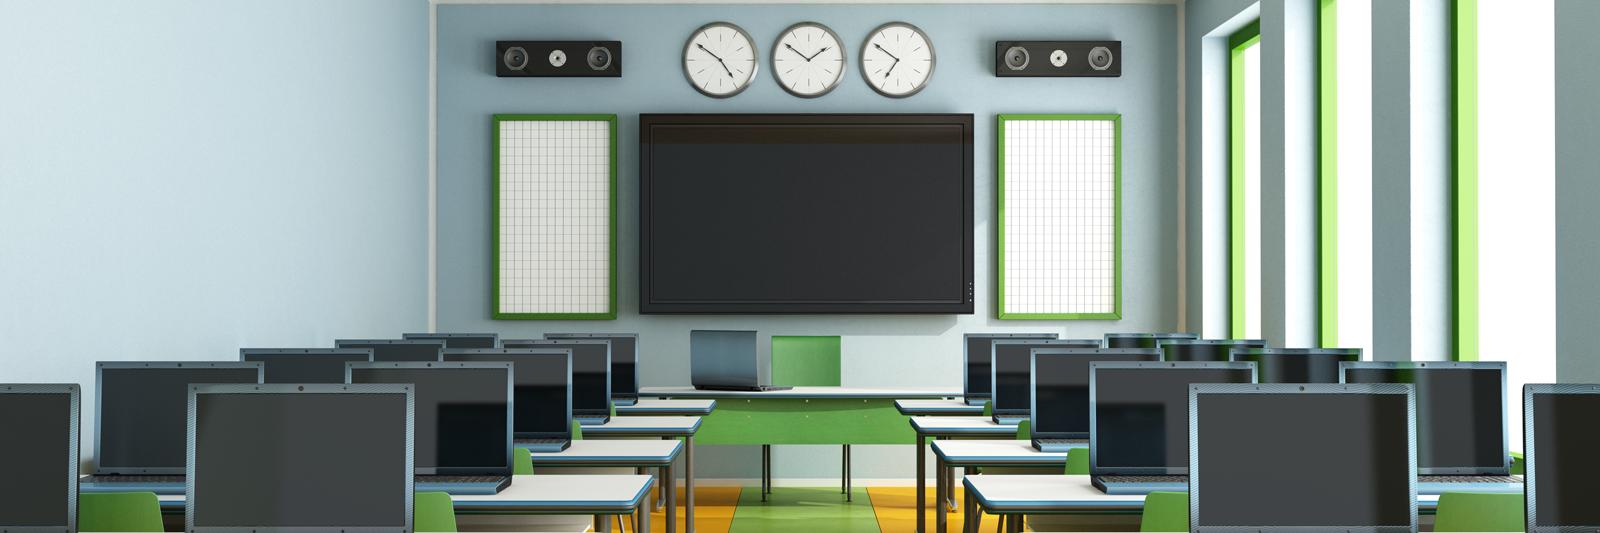 education-solutions.jpg